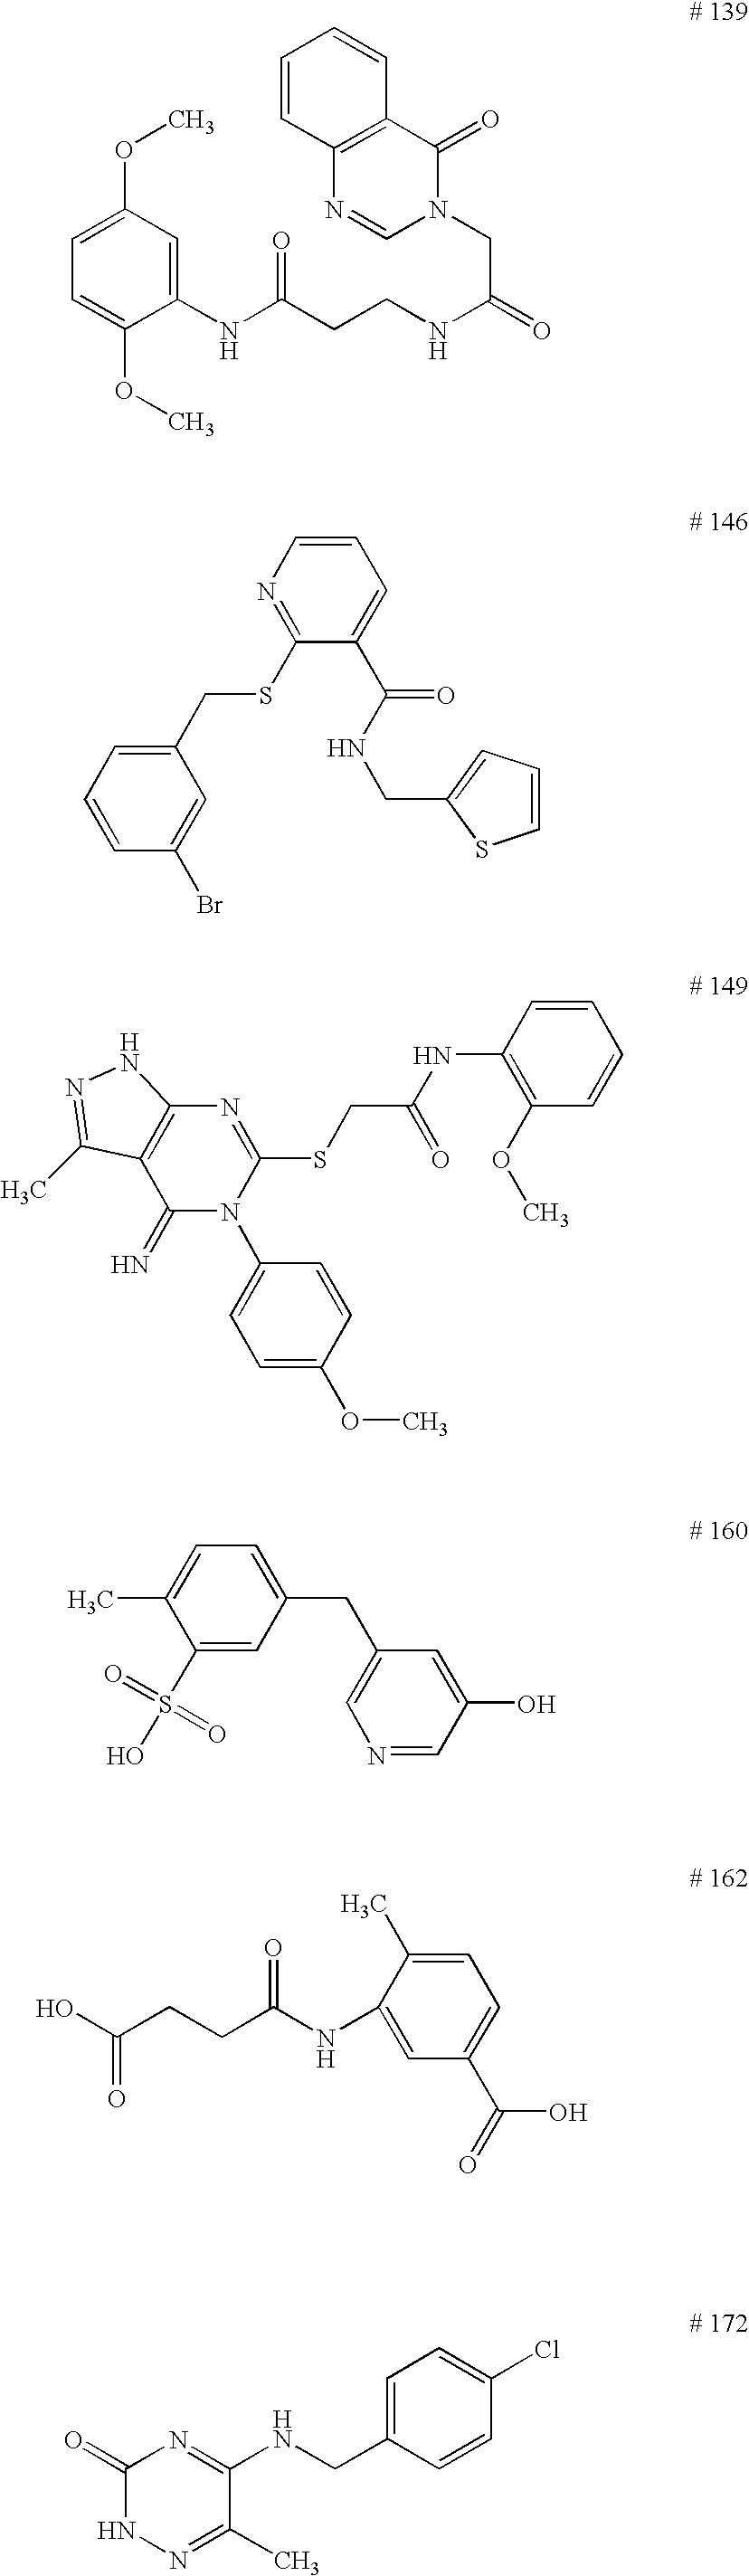 Figure US20070196395A1-20070823-C00158